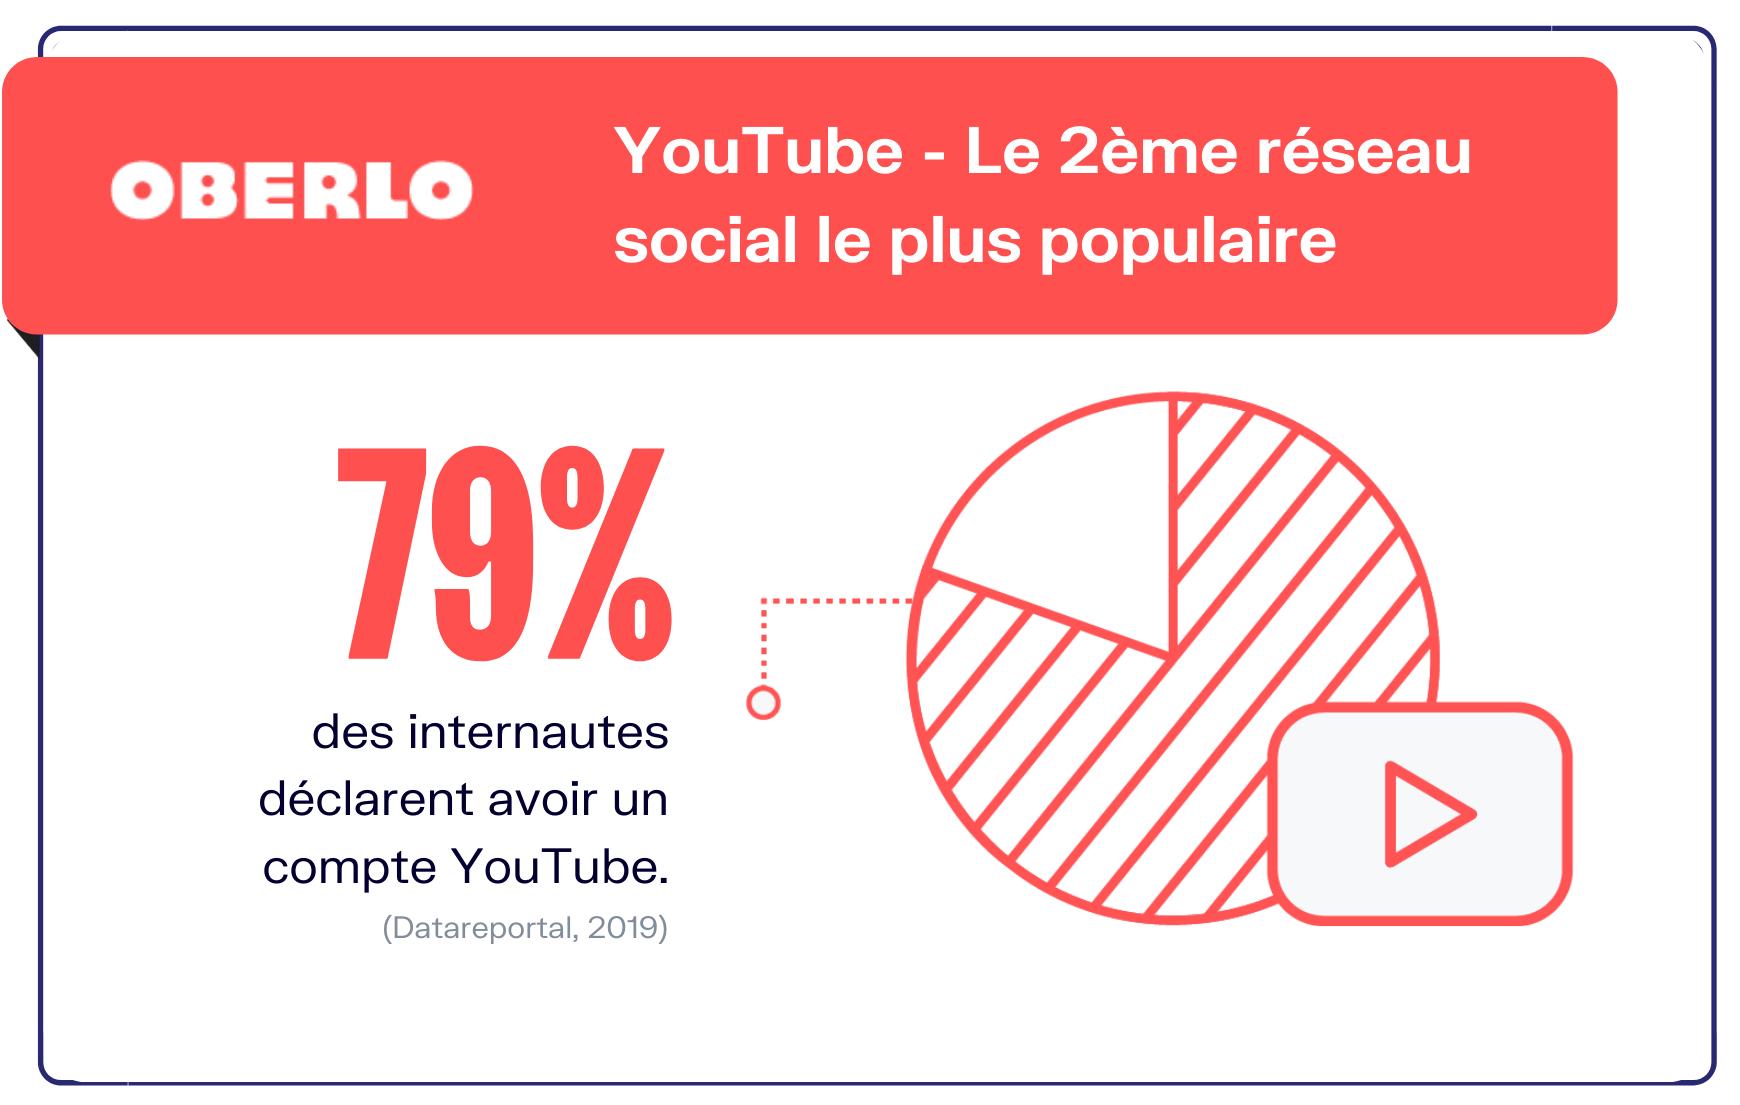 combien d'utilisateurs de Youtube en france et dans le monde